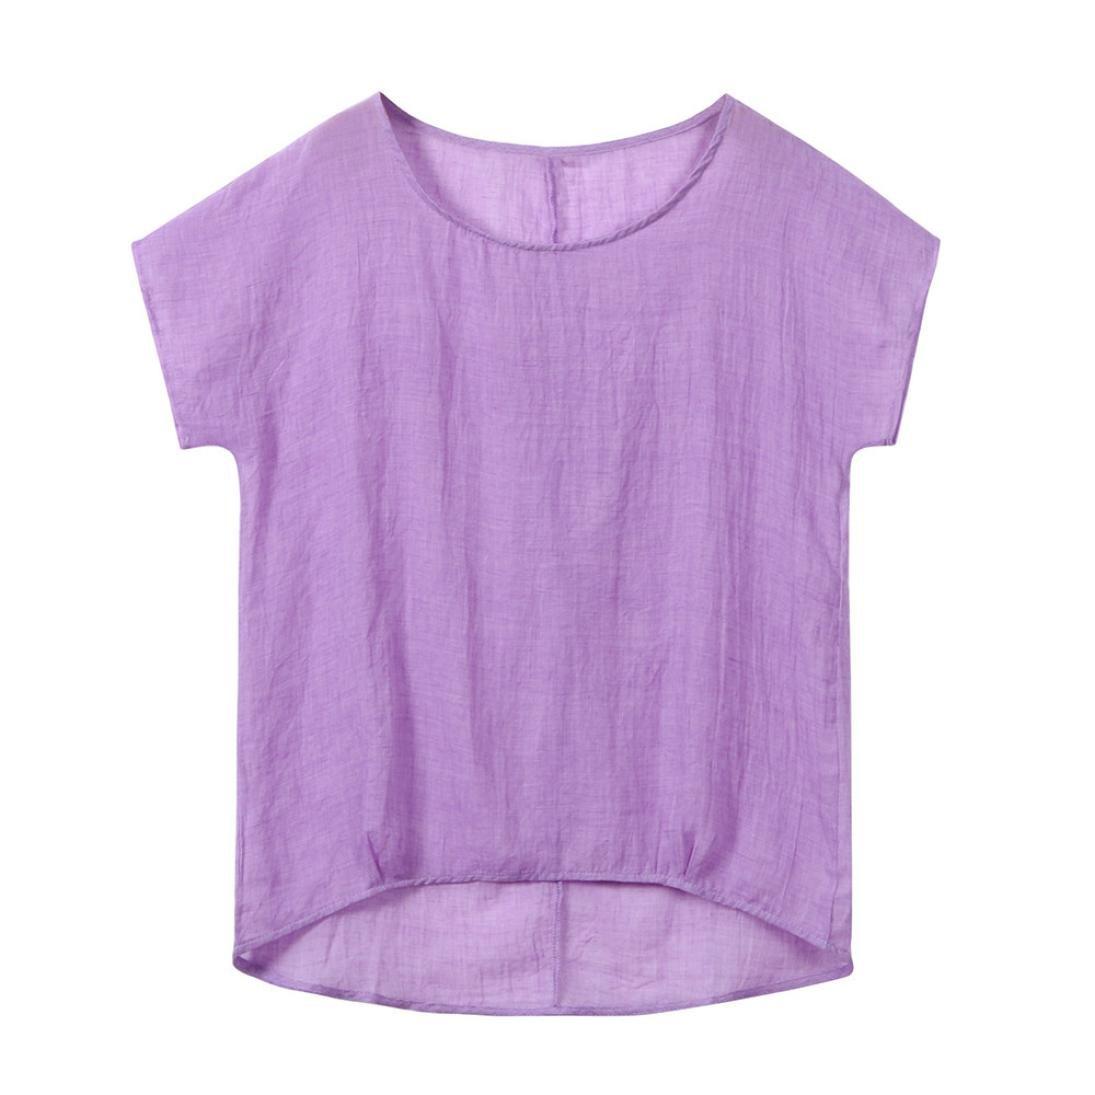 Luckycat Damen Oversize T-Shirt Retro Vintage Baumwolle Oberteile Bluse Locker Sommer Top Kurzarm Casual Shirt Groß e Grö ß e LUCKYCAT Damen T-shirt Nr.043